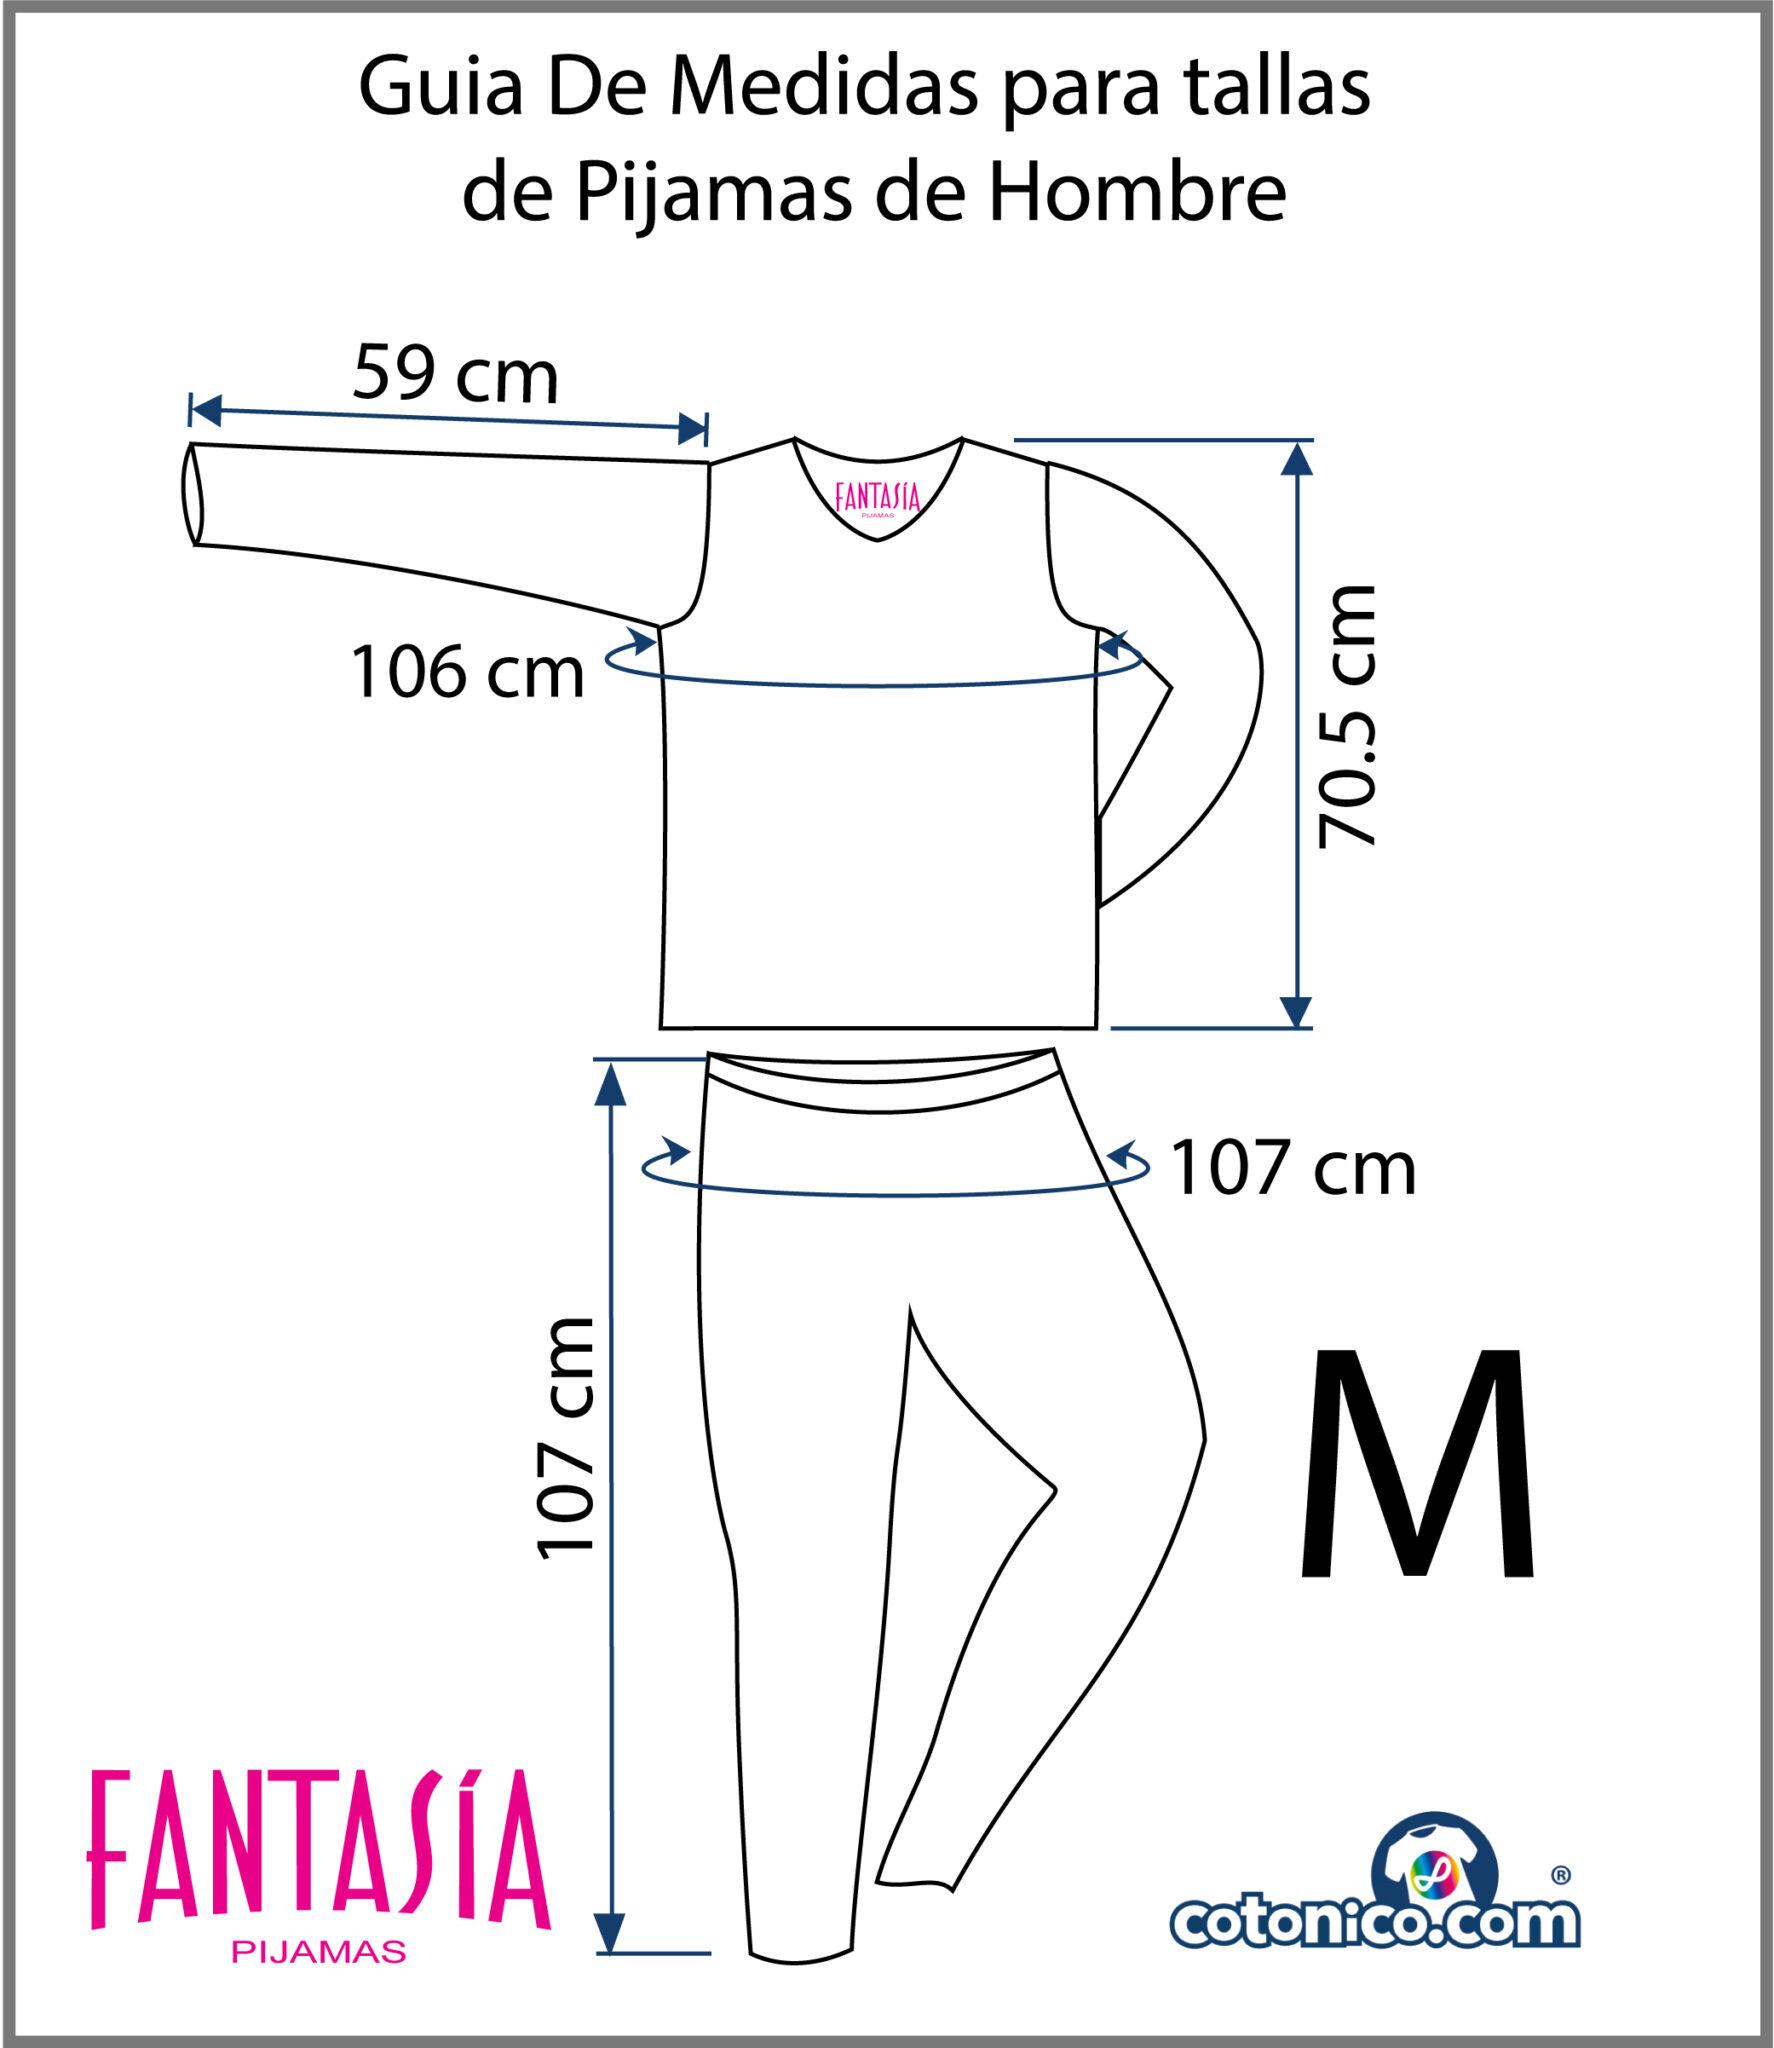 Guia-De-Tallas-Pijamas-De-Hombre-M